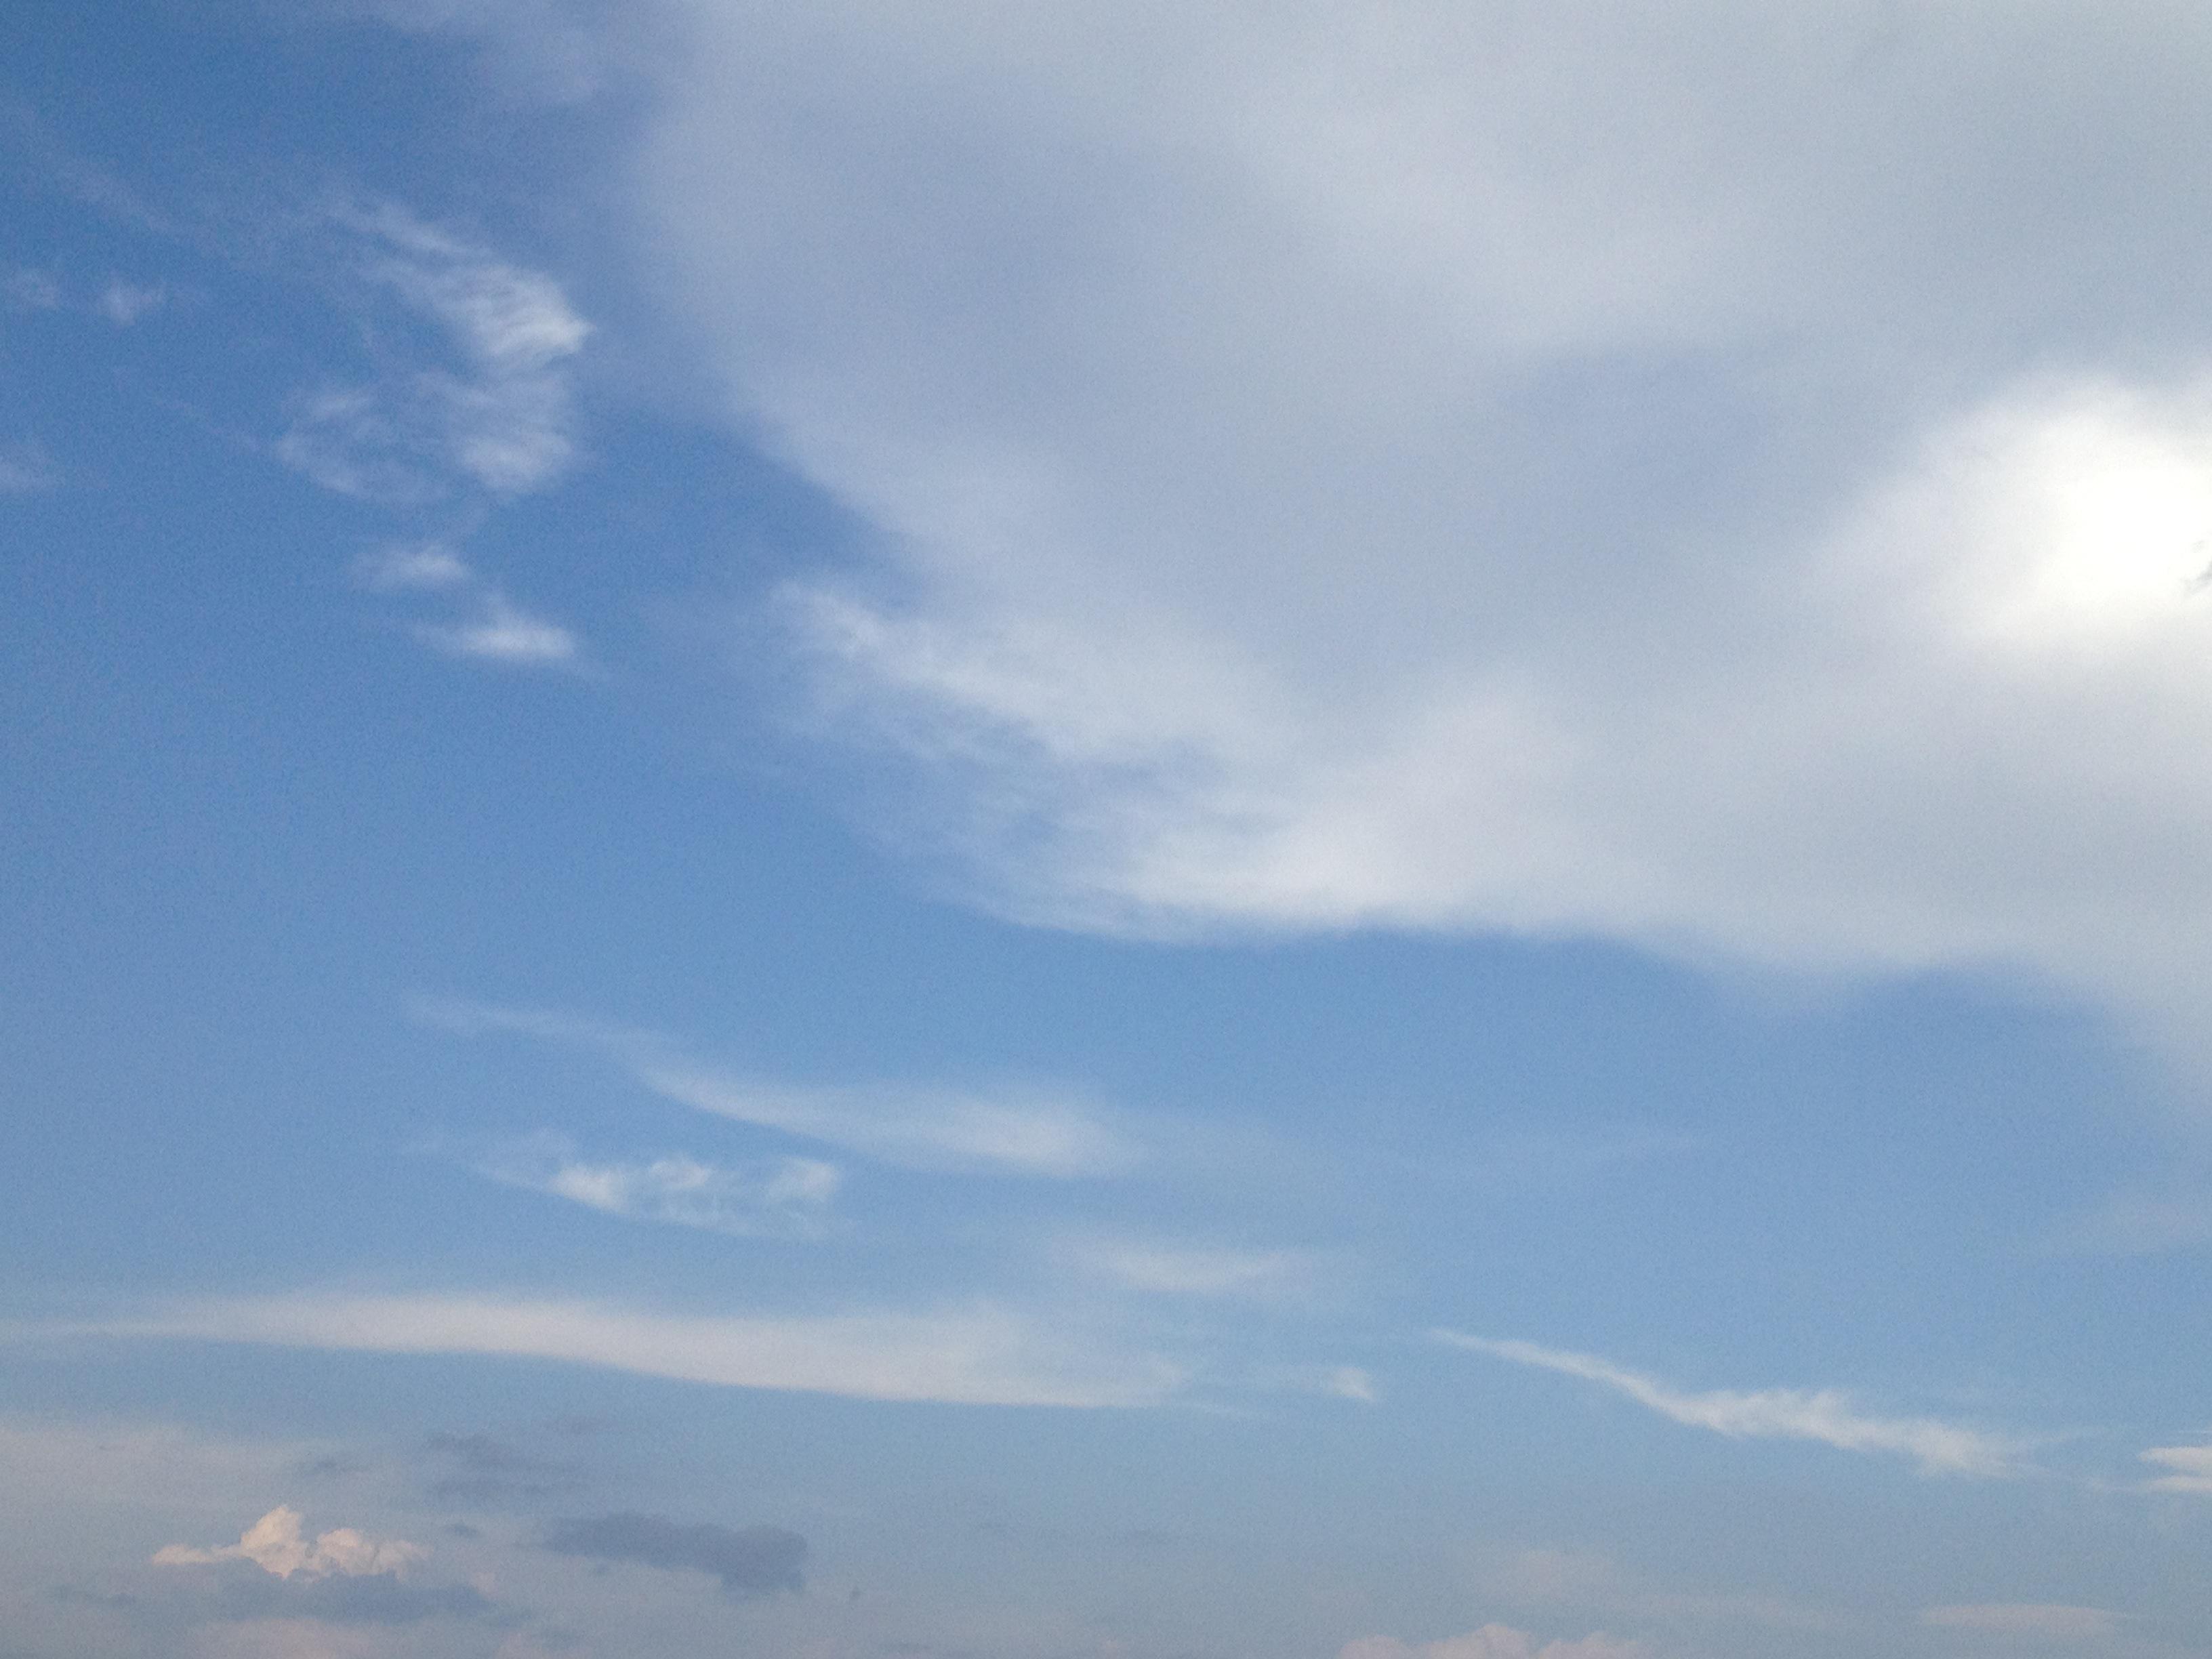 青空に遠くの雲